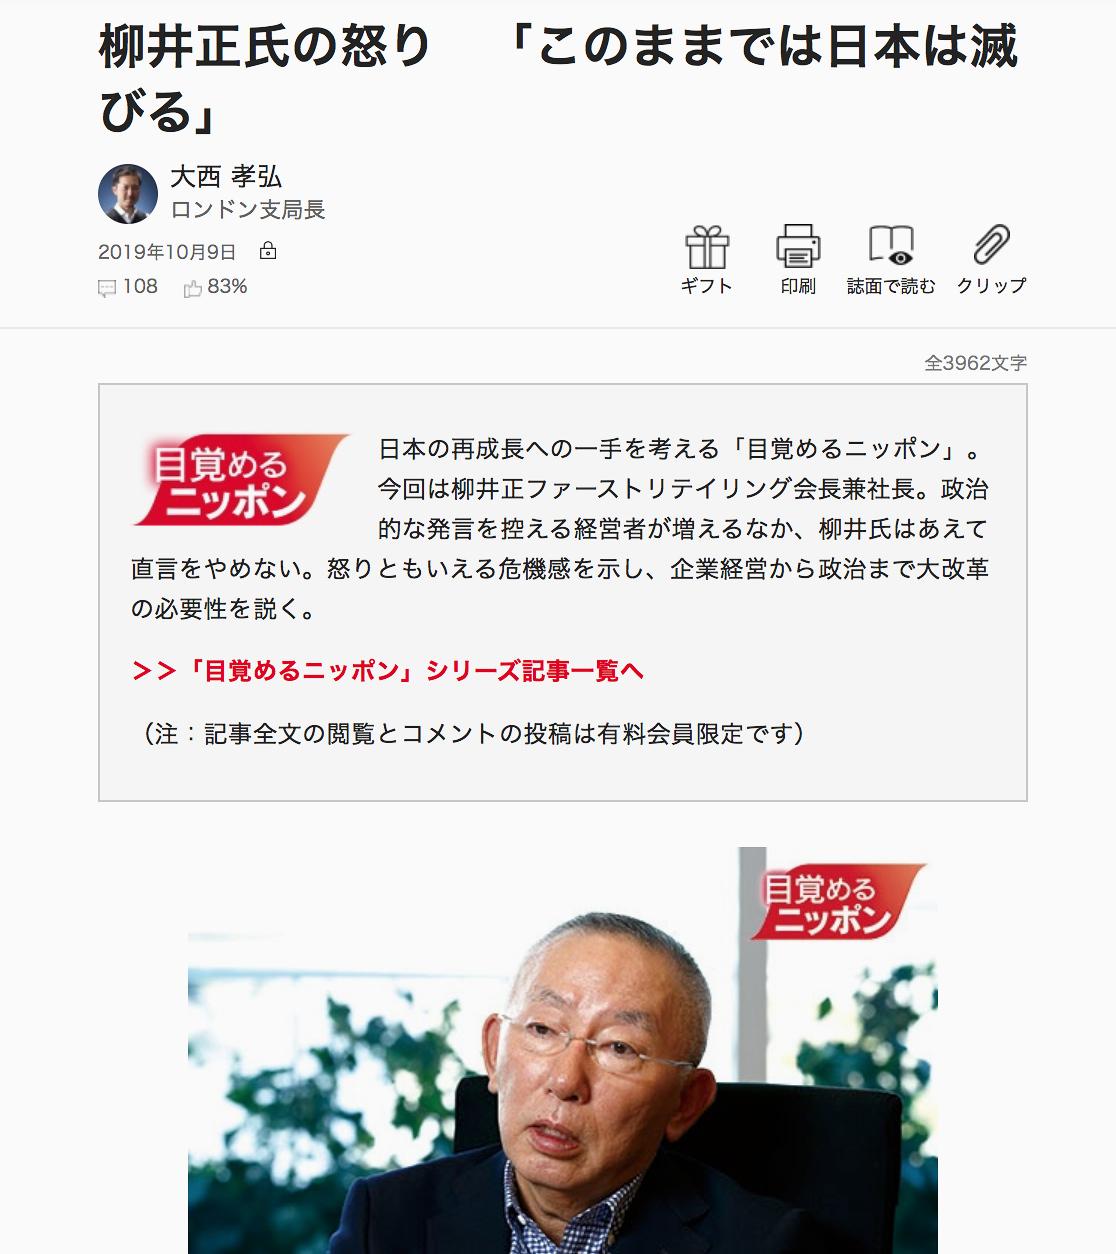 「このままでは日本は滅びる」というのは本当か? Facebookへの投稿から(91)_e0367501_10343528.jpg